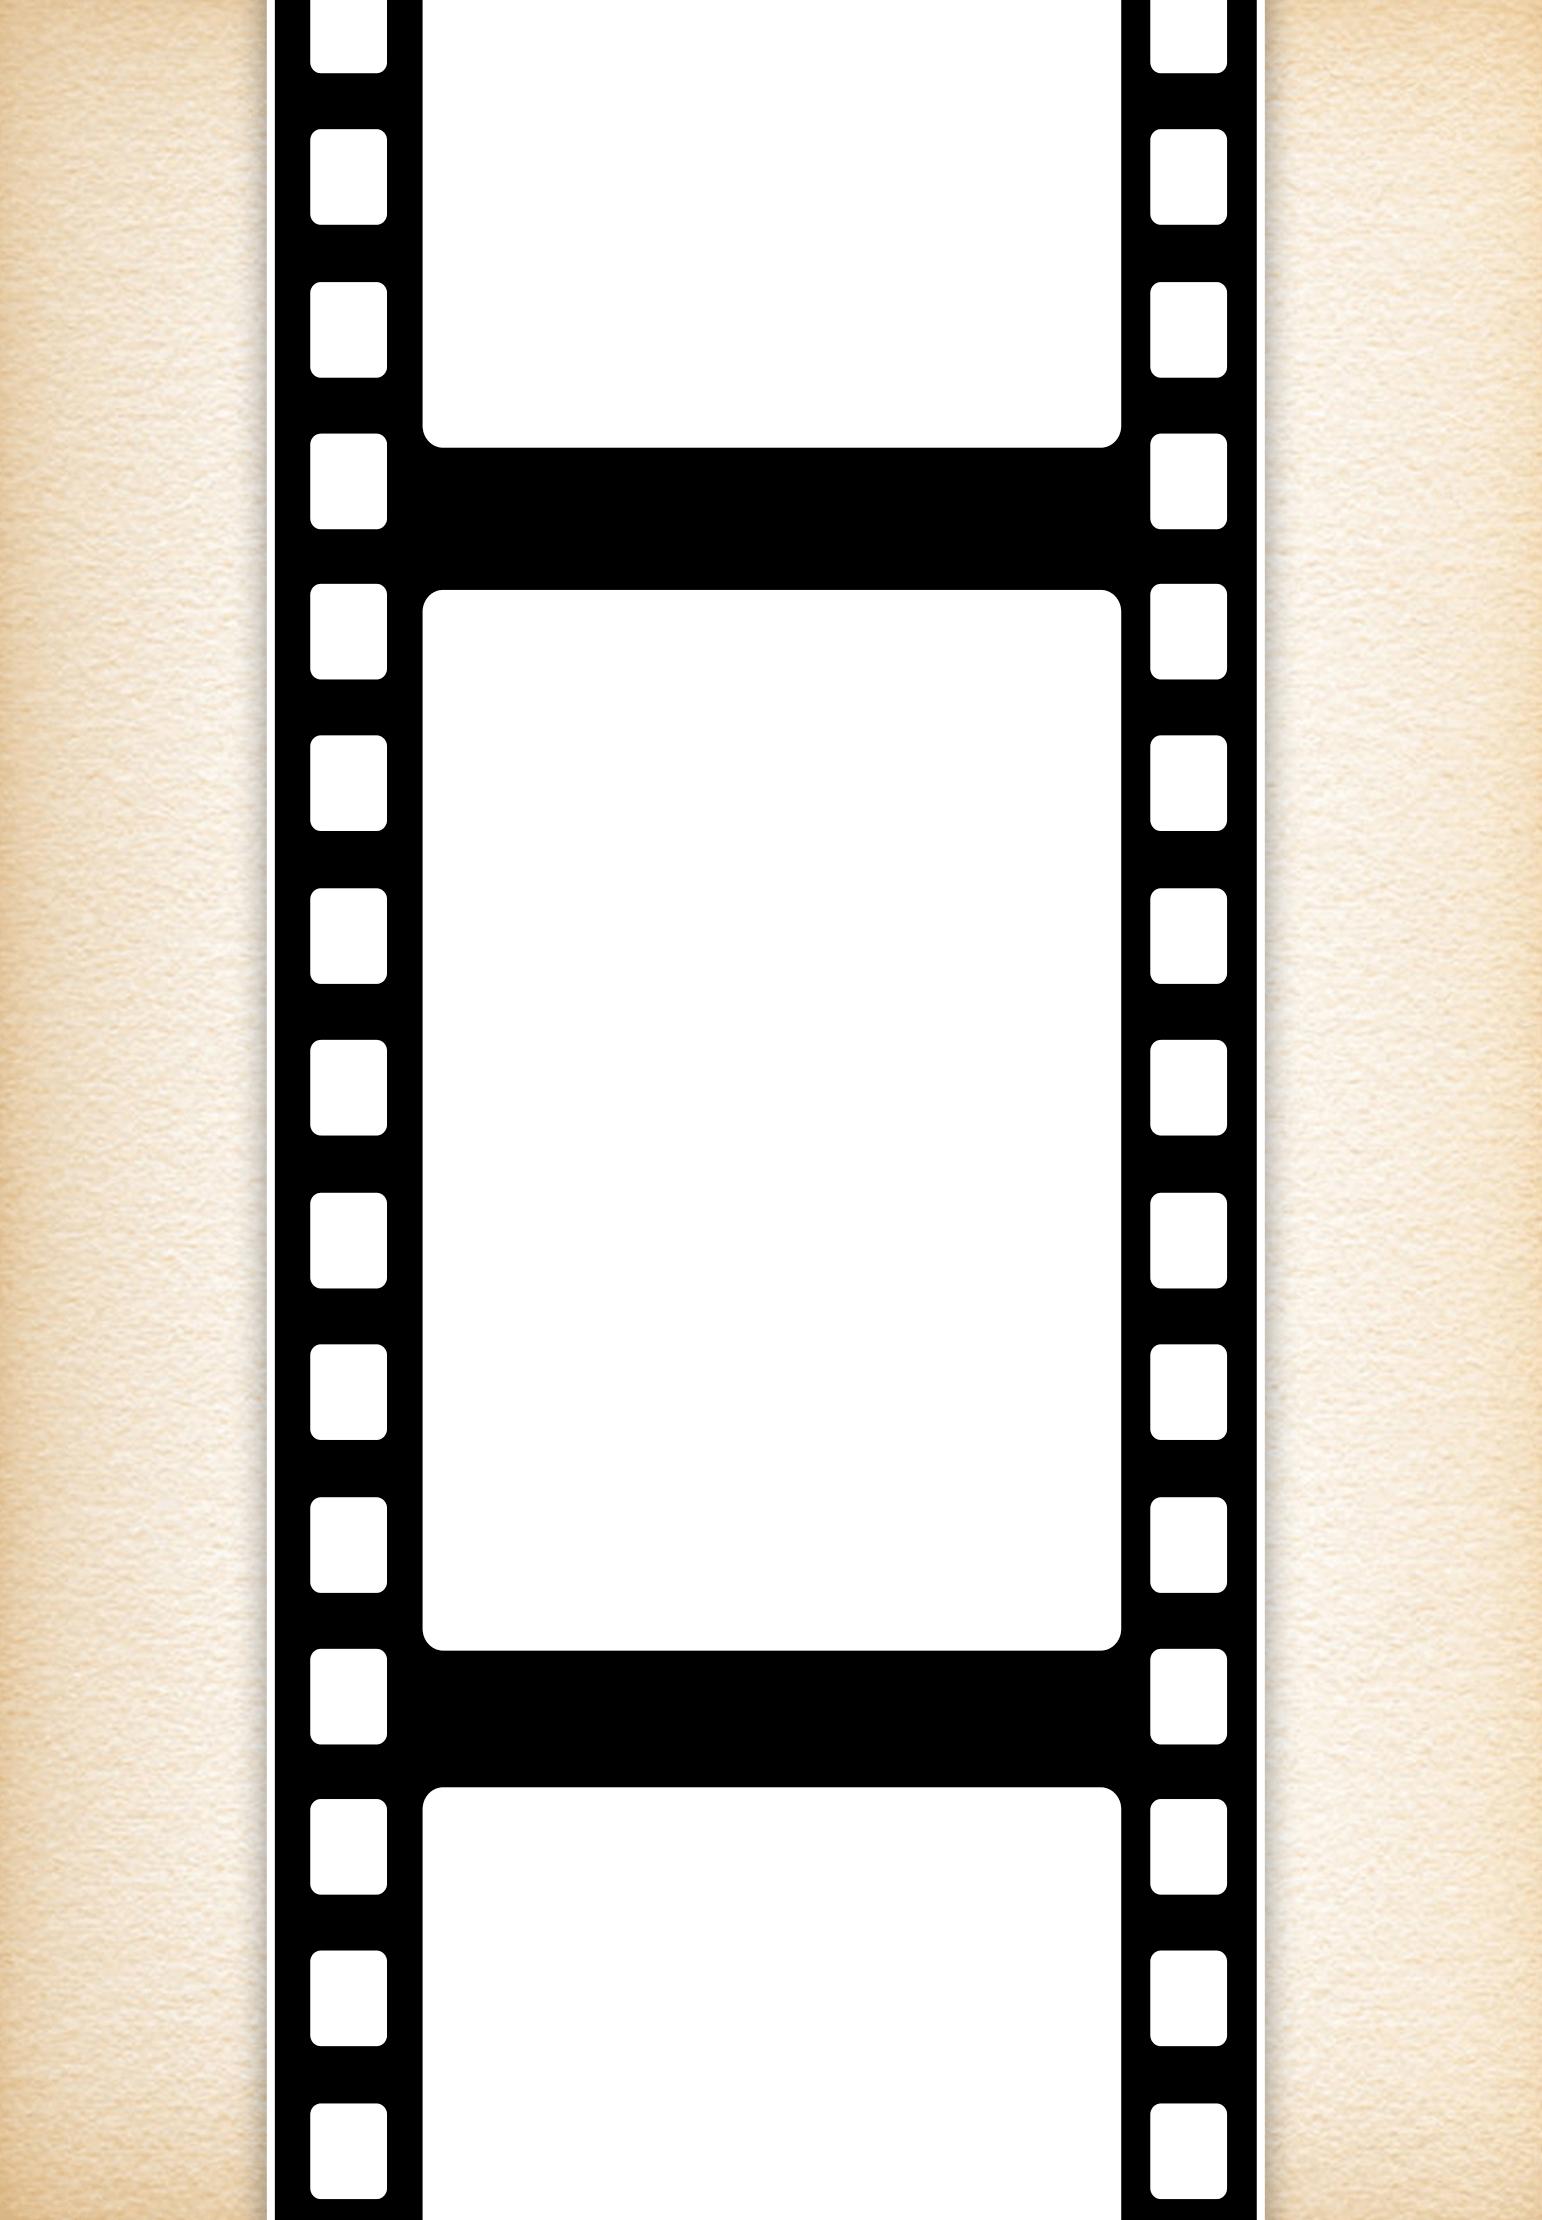 Movie Night - Free Printable Birthday Invitation Template - Movie Birthday Party Invitations Free Printable